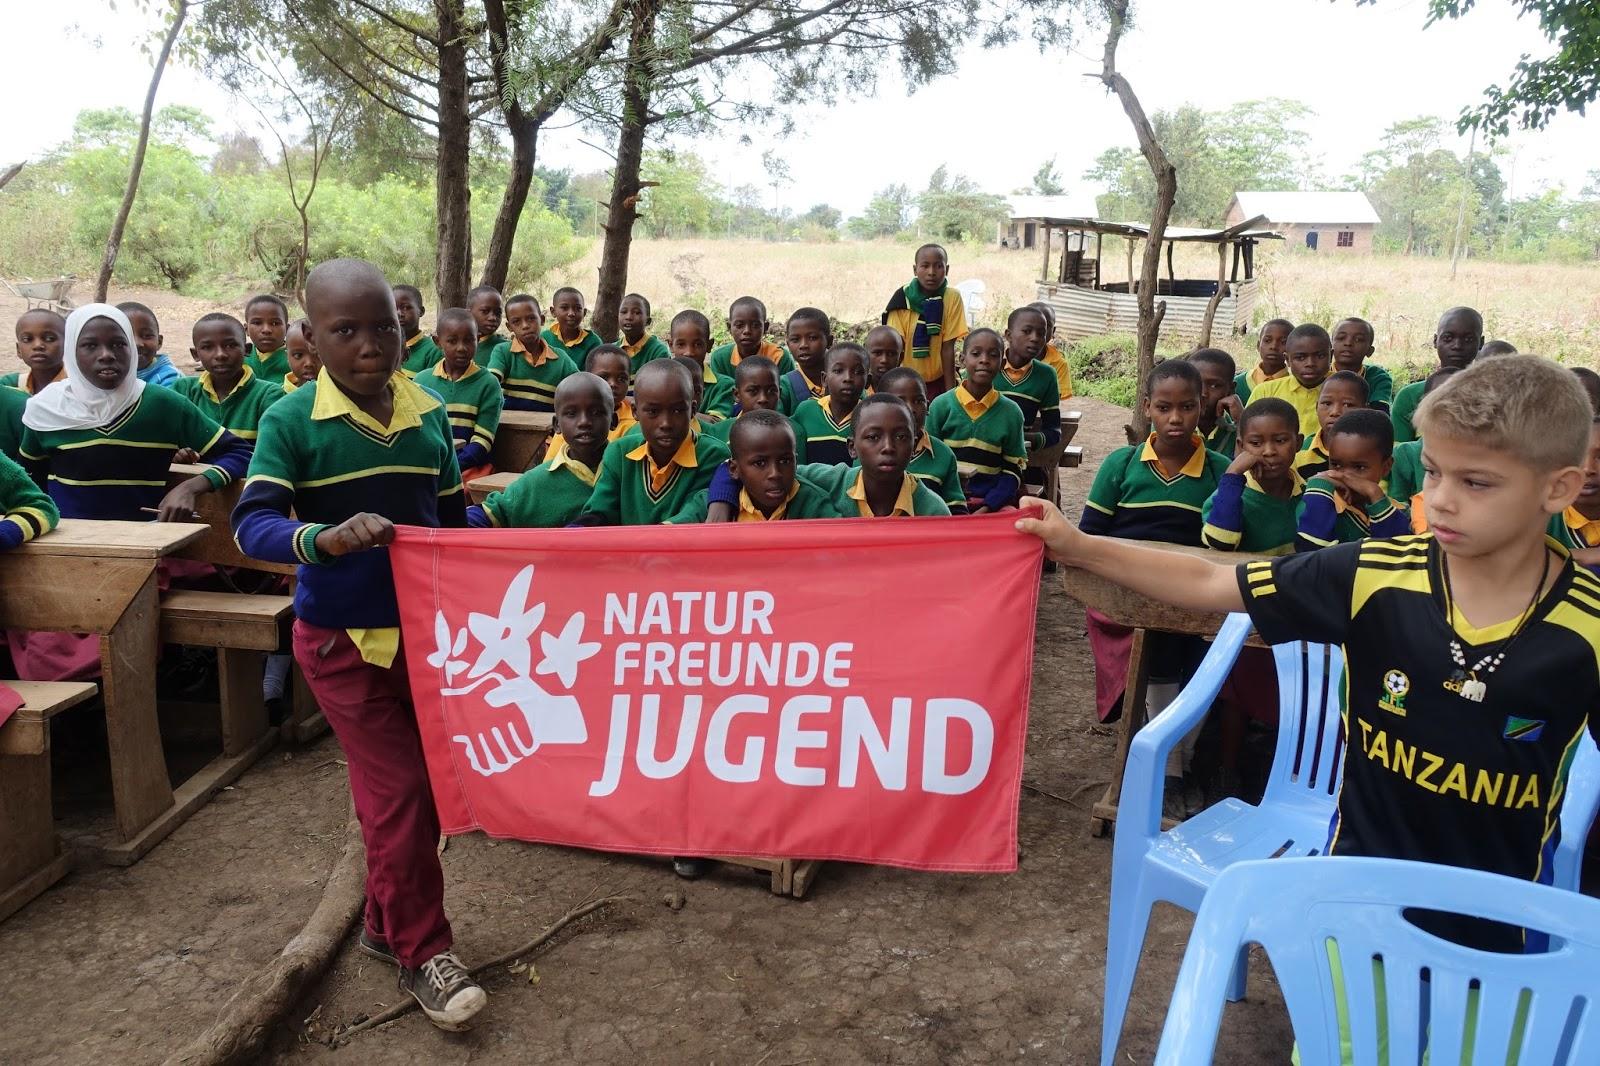 Schüler_innen mit einer Fahne der Naturfreundejugend